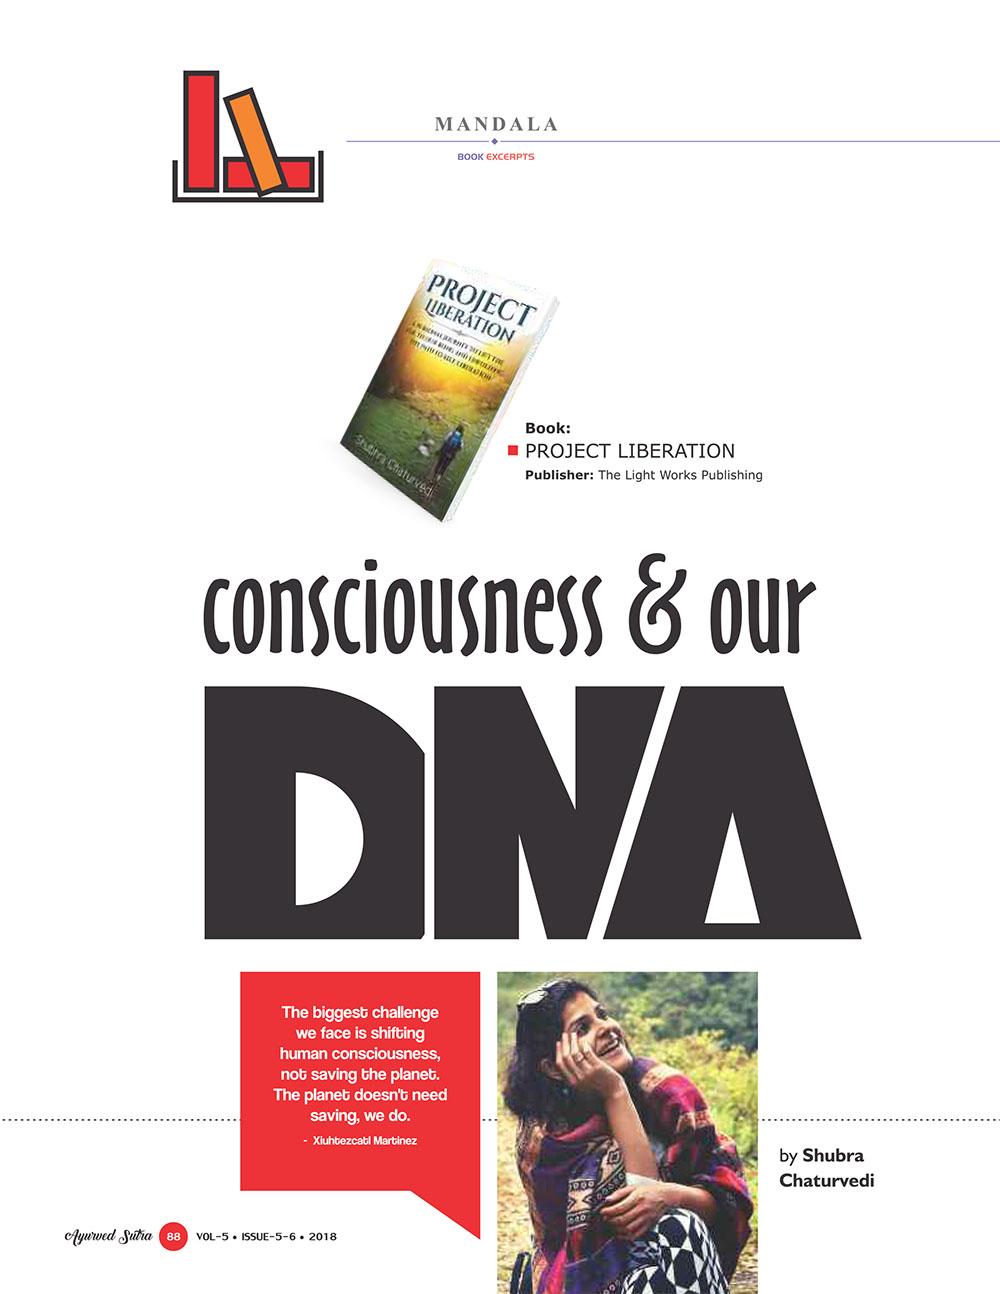 Ayurvedsutra Vol 05 issue 05 06 90 - Consciousness & our DNA